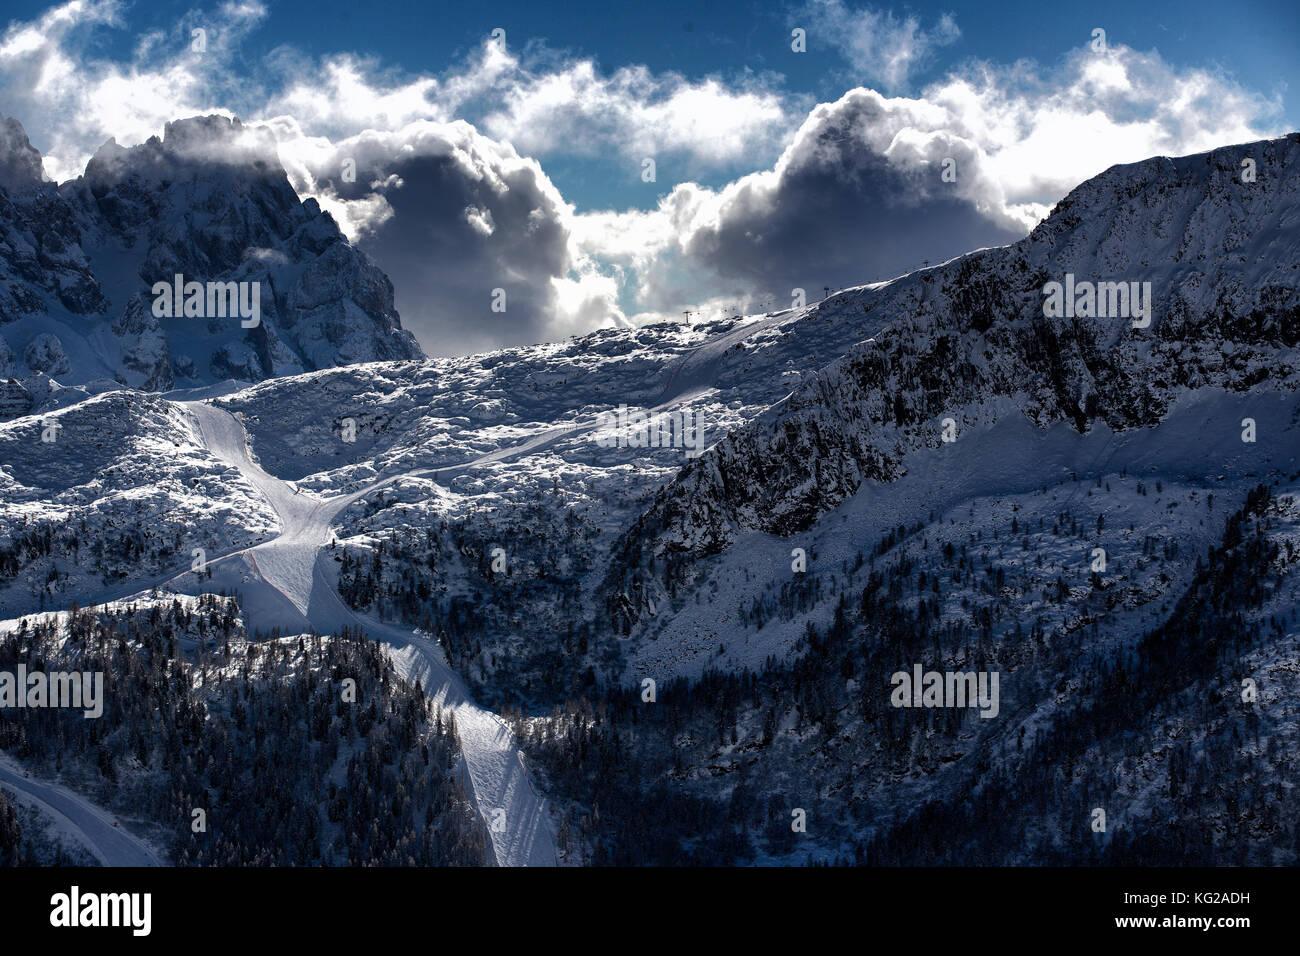 Ski resort paesaggio con un buon inverno meteo Immagini Stock